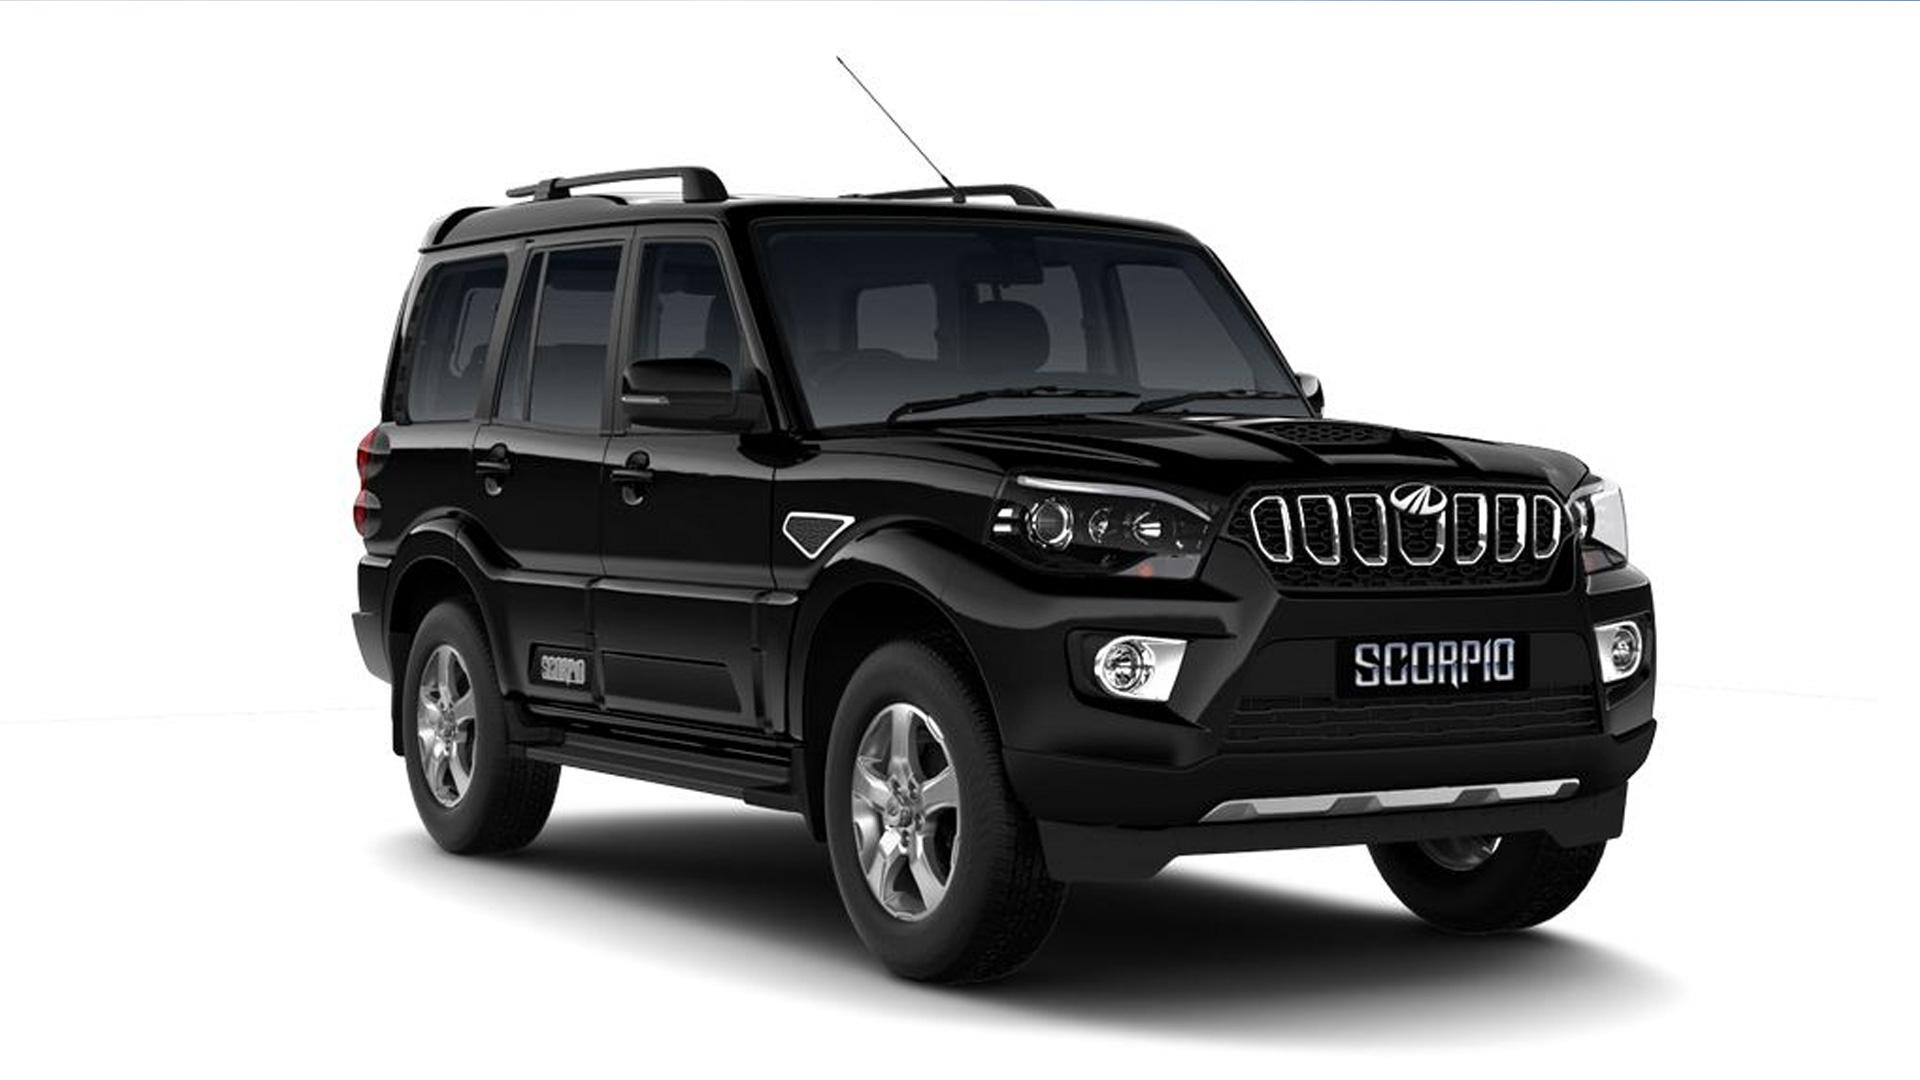 Mahindra Scorpio 2020 S9